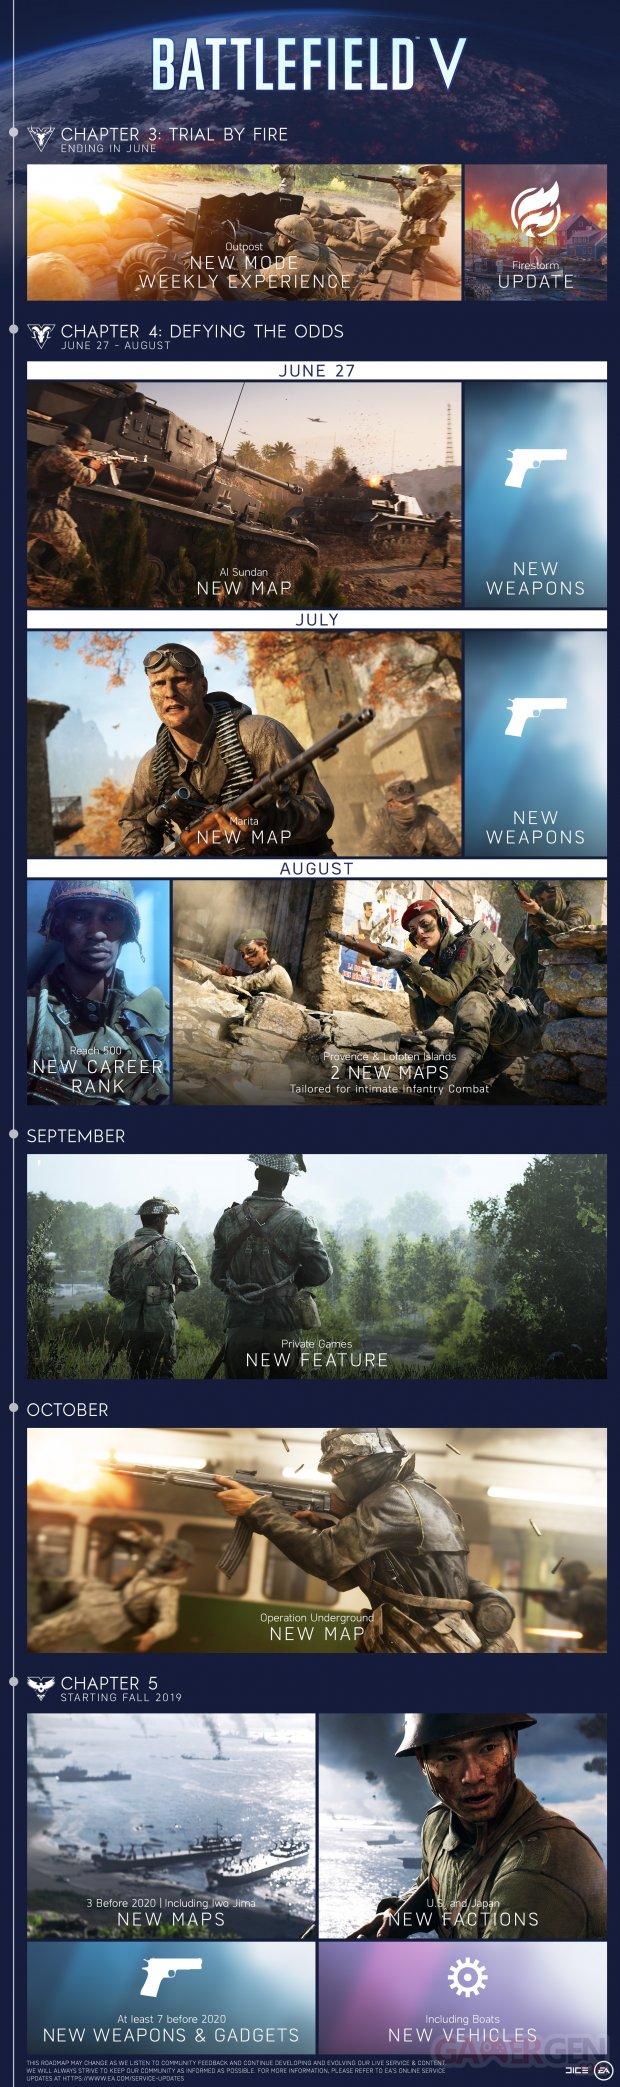 Battlefield V  images planning